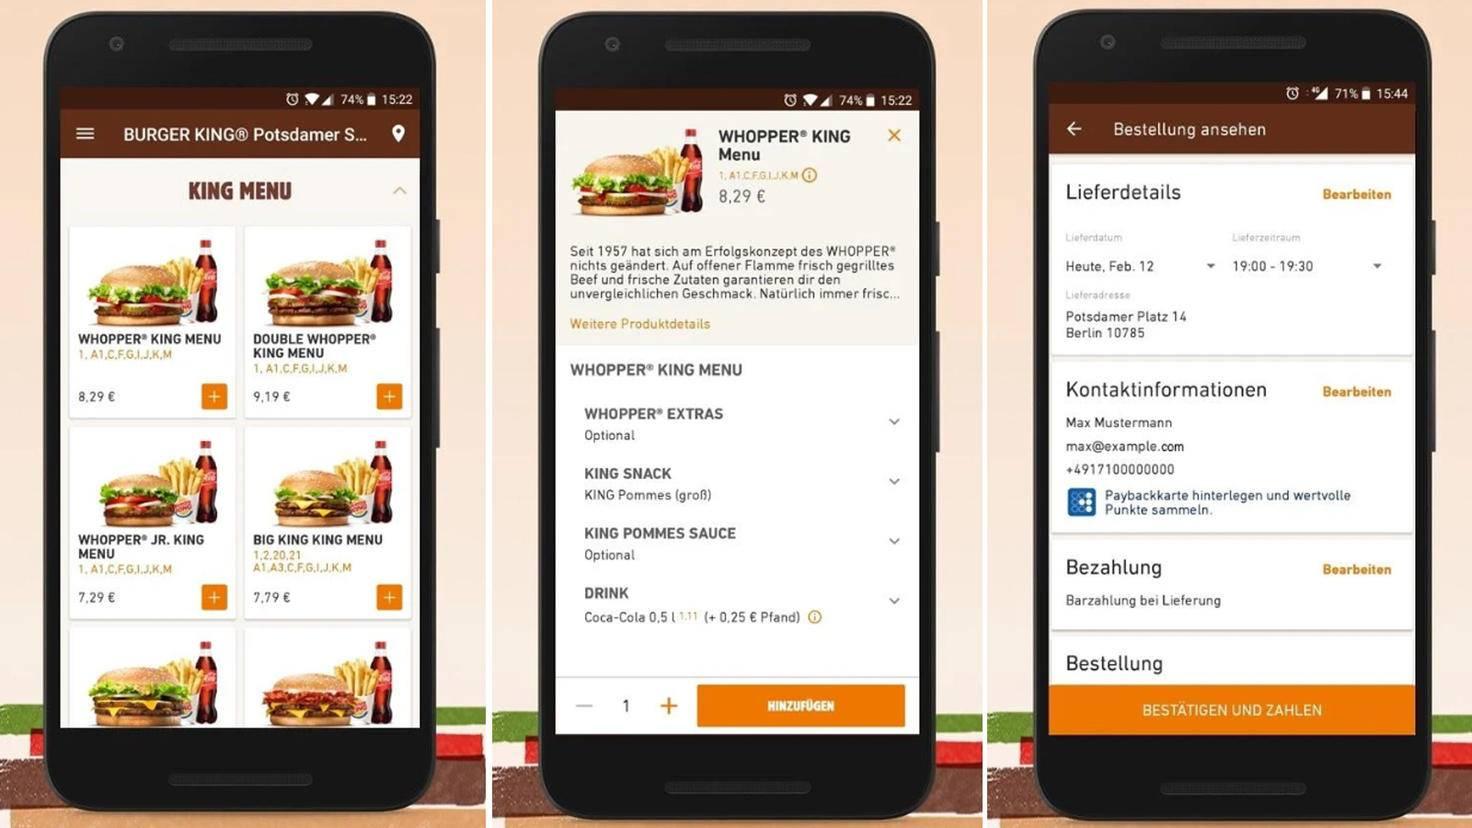 Heute Abend ein Whopper-Menü? Kein Problem, dank der Lieferservice-App von Burger King.